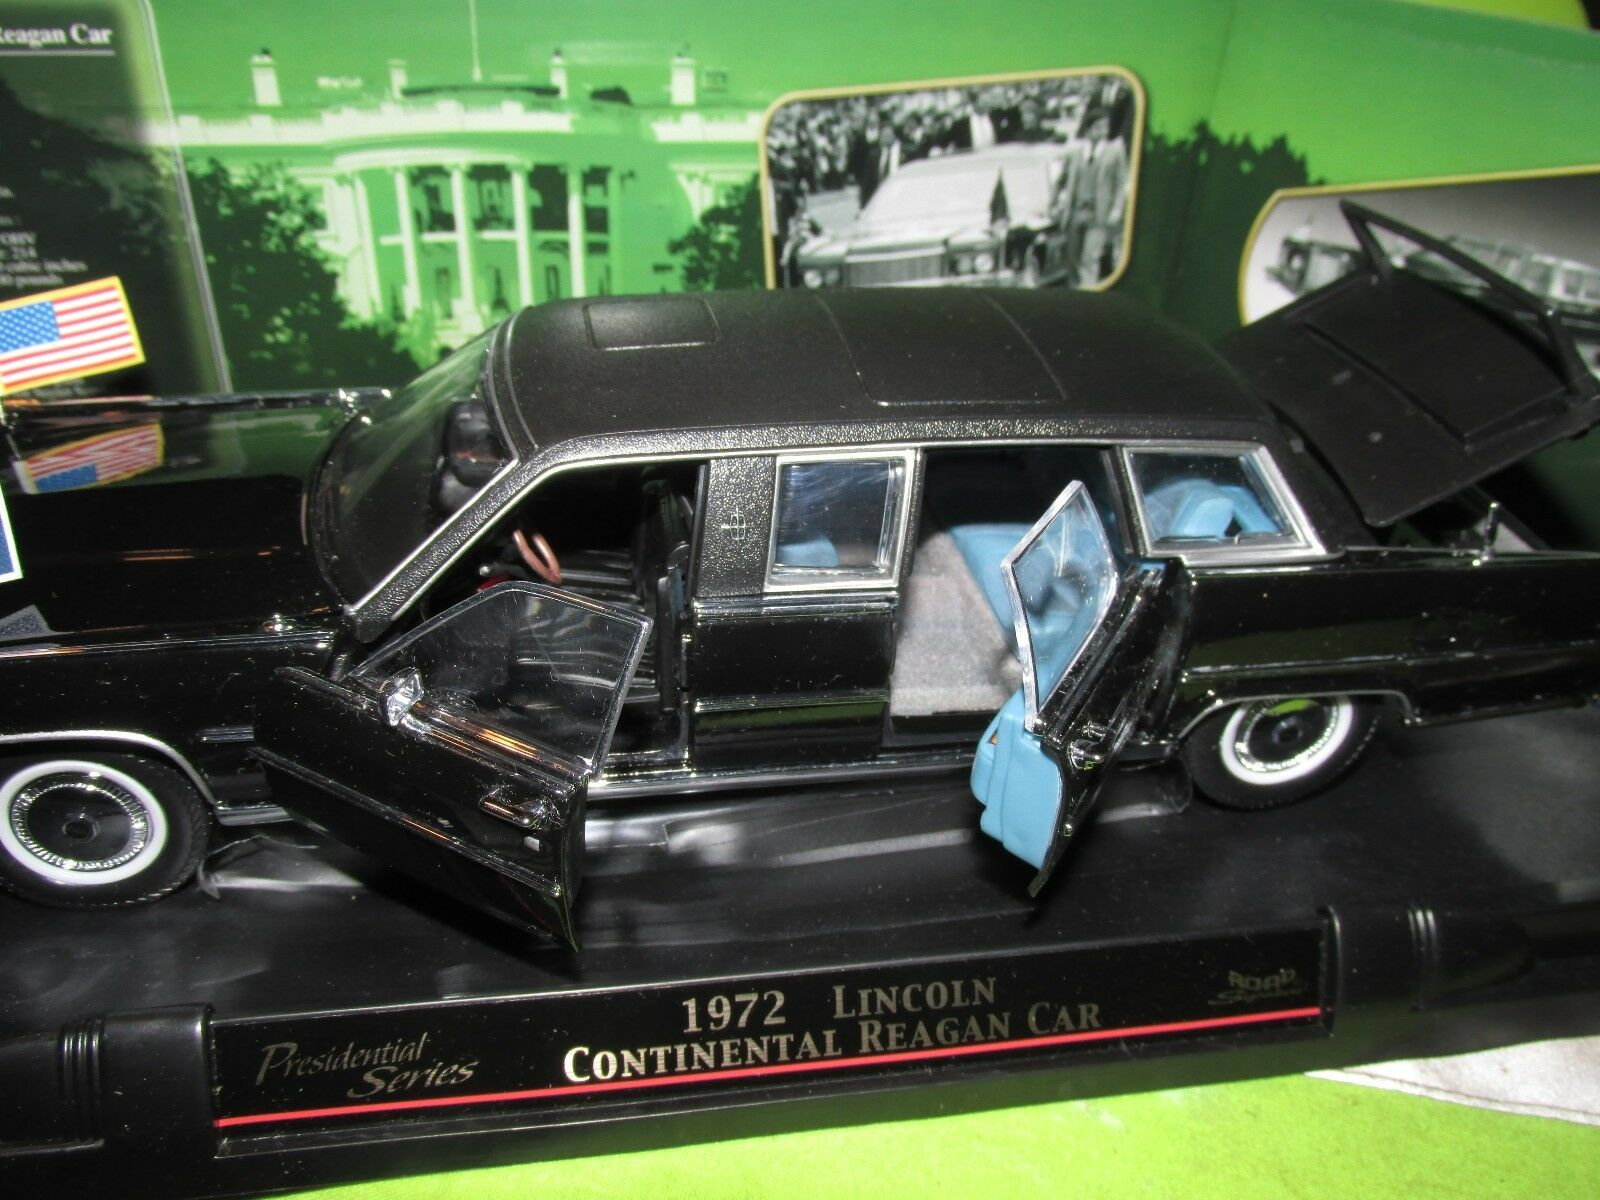 11972 Lincoln Continental Continental Continental Reagan 72 Limousine 1 24 Route Signature 5d4422